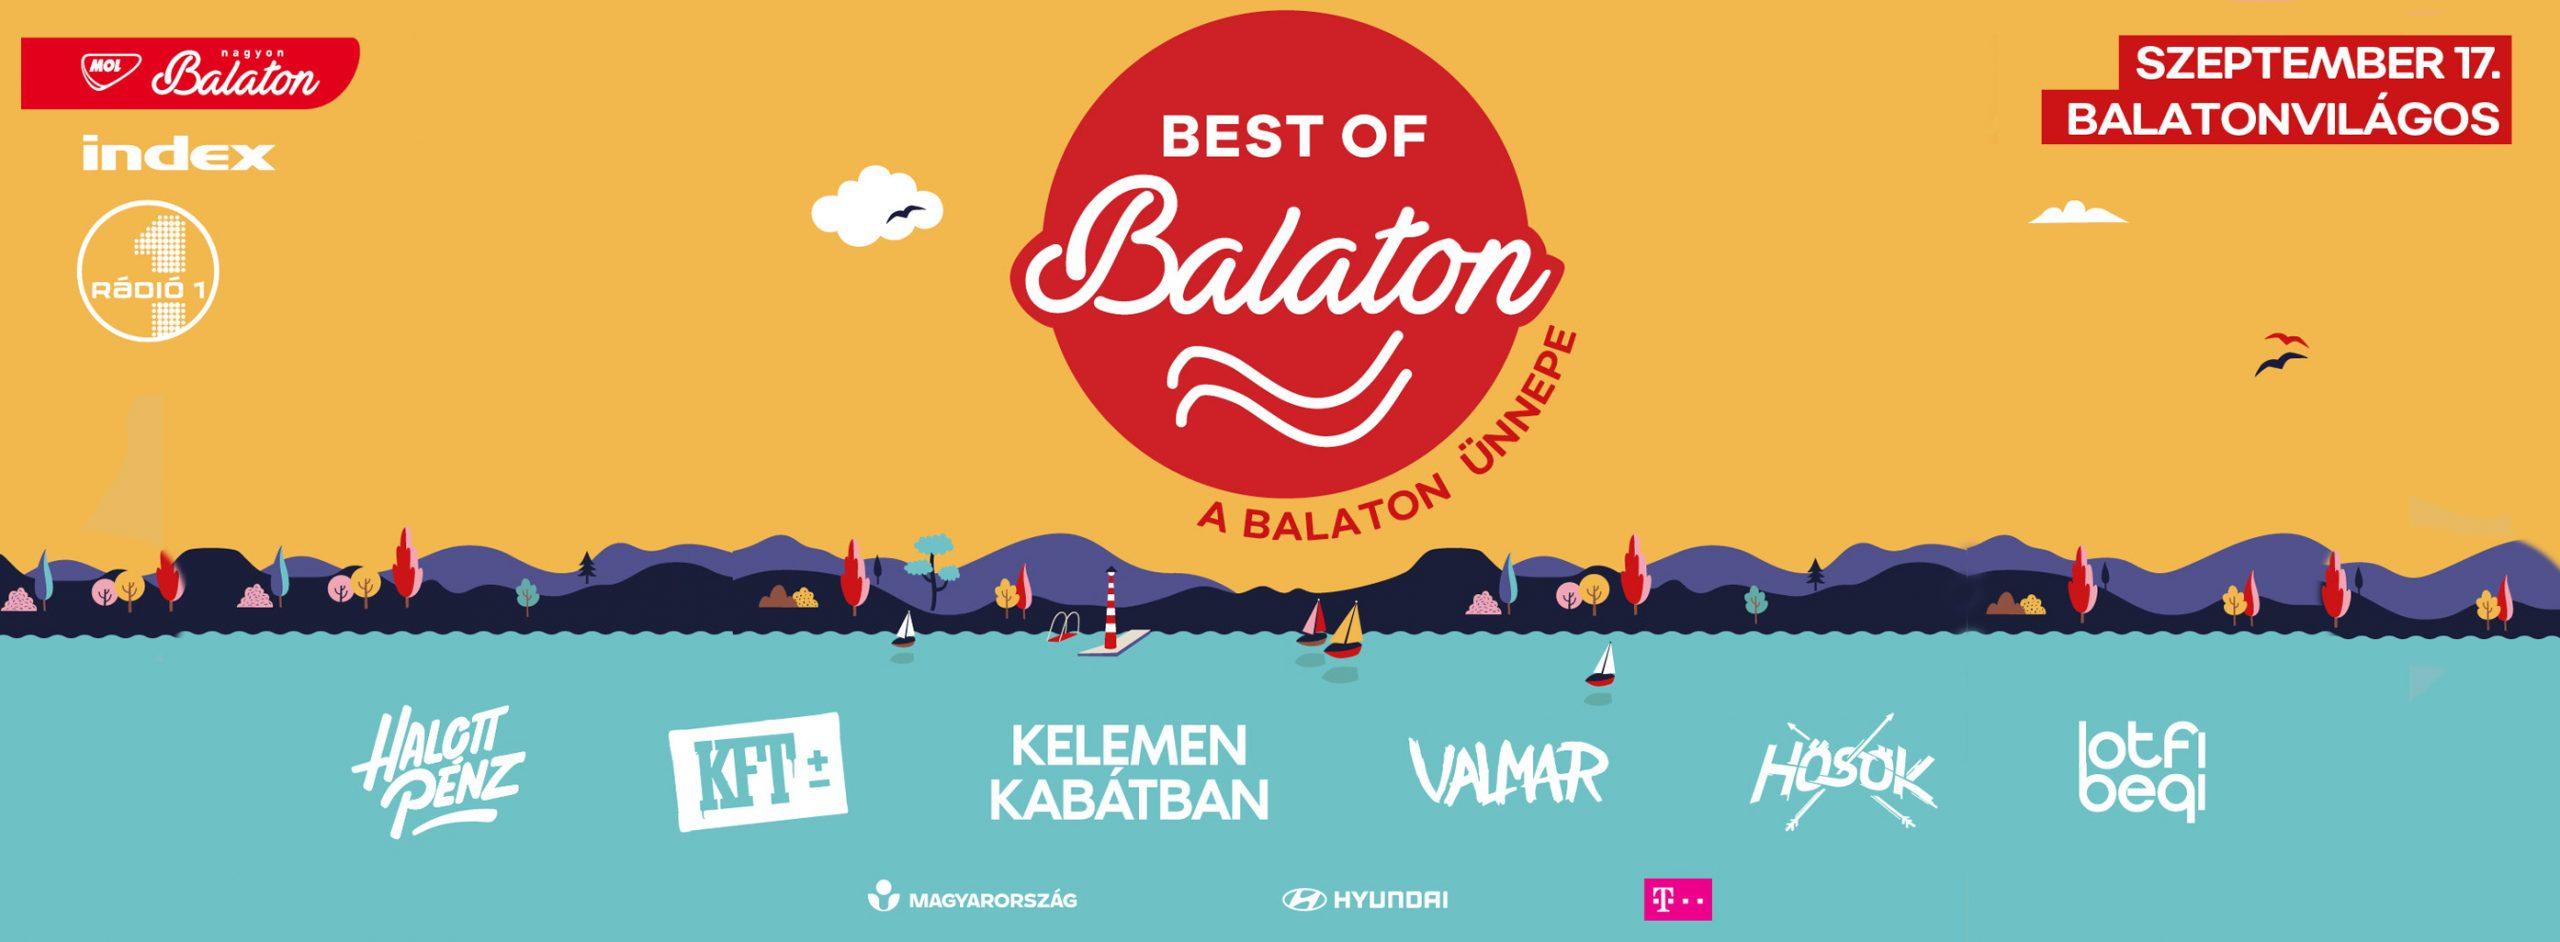 Egynapos fesztivállal zárják a balatoni nyarat szeptember közepén Balatonvilágoson